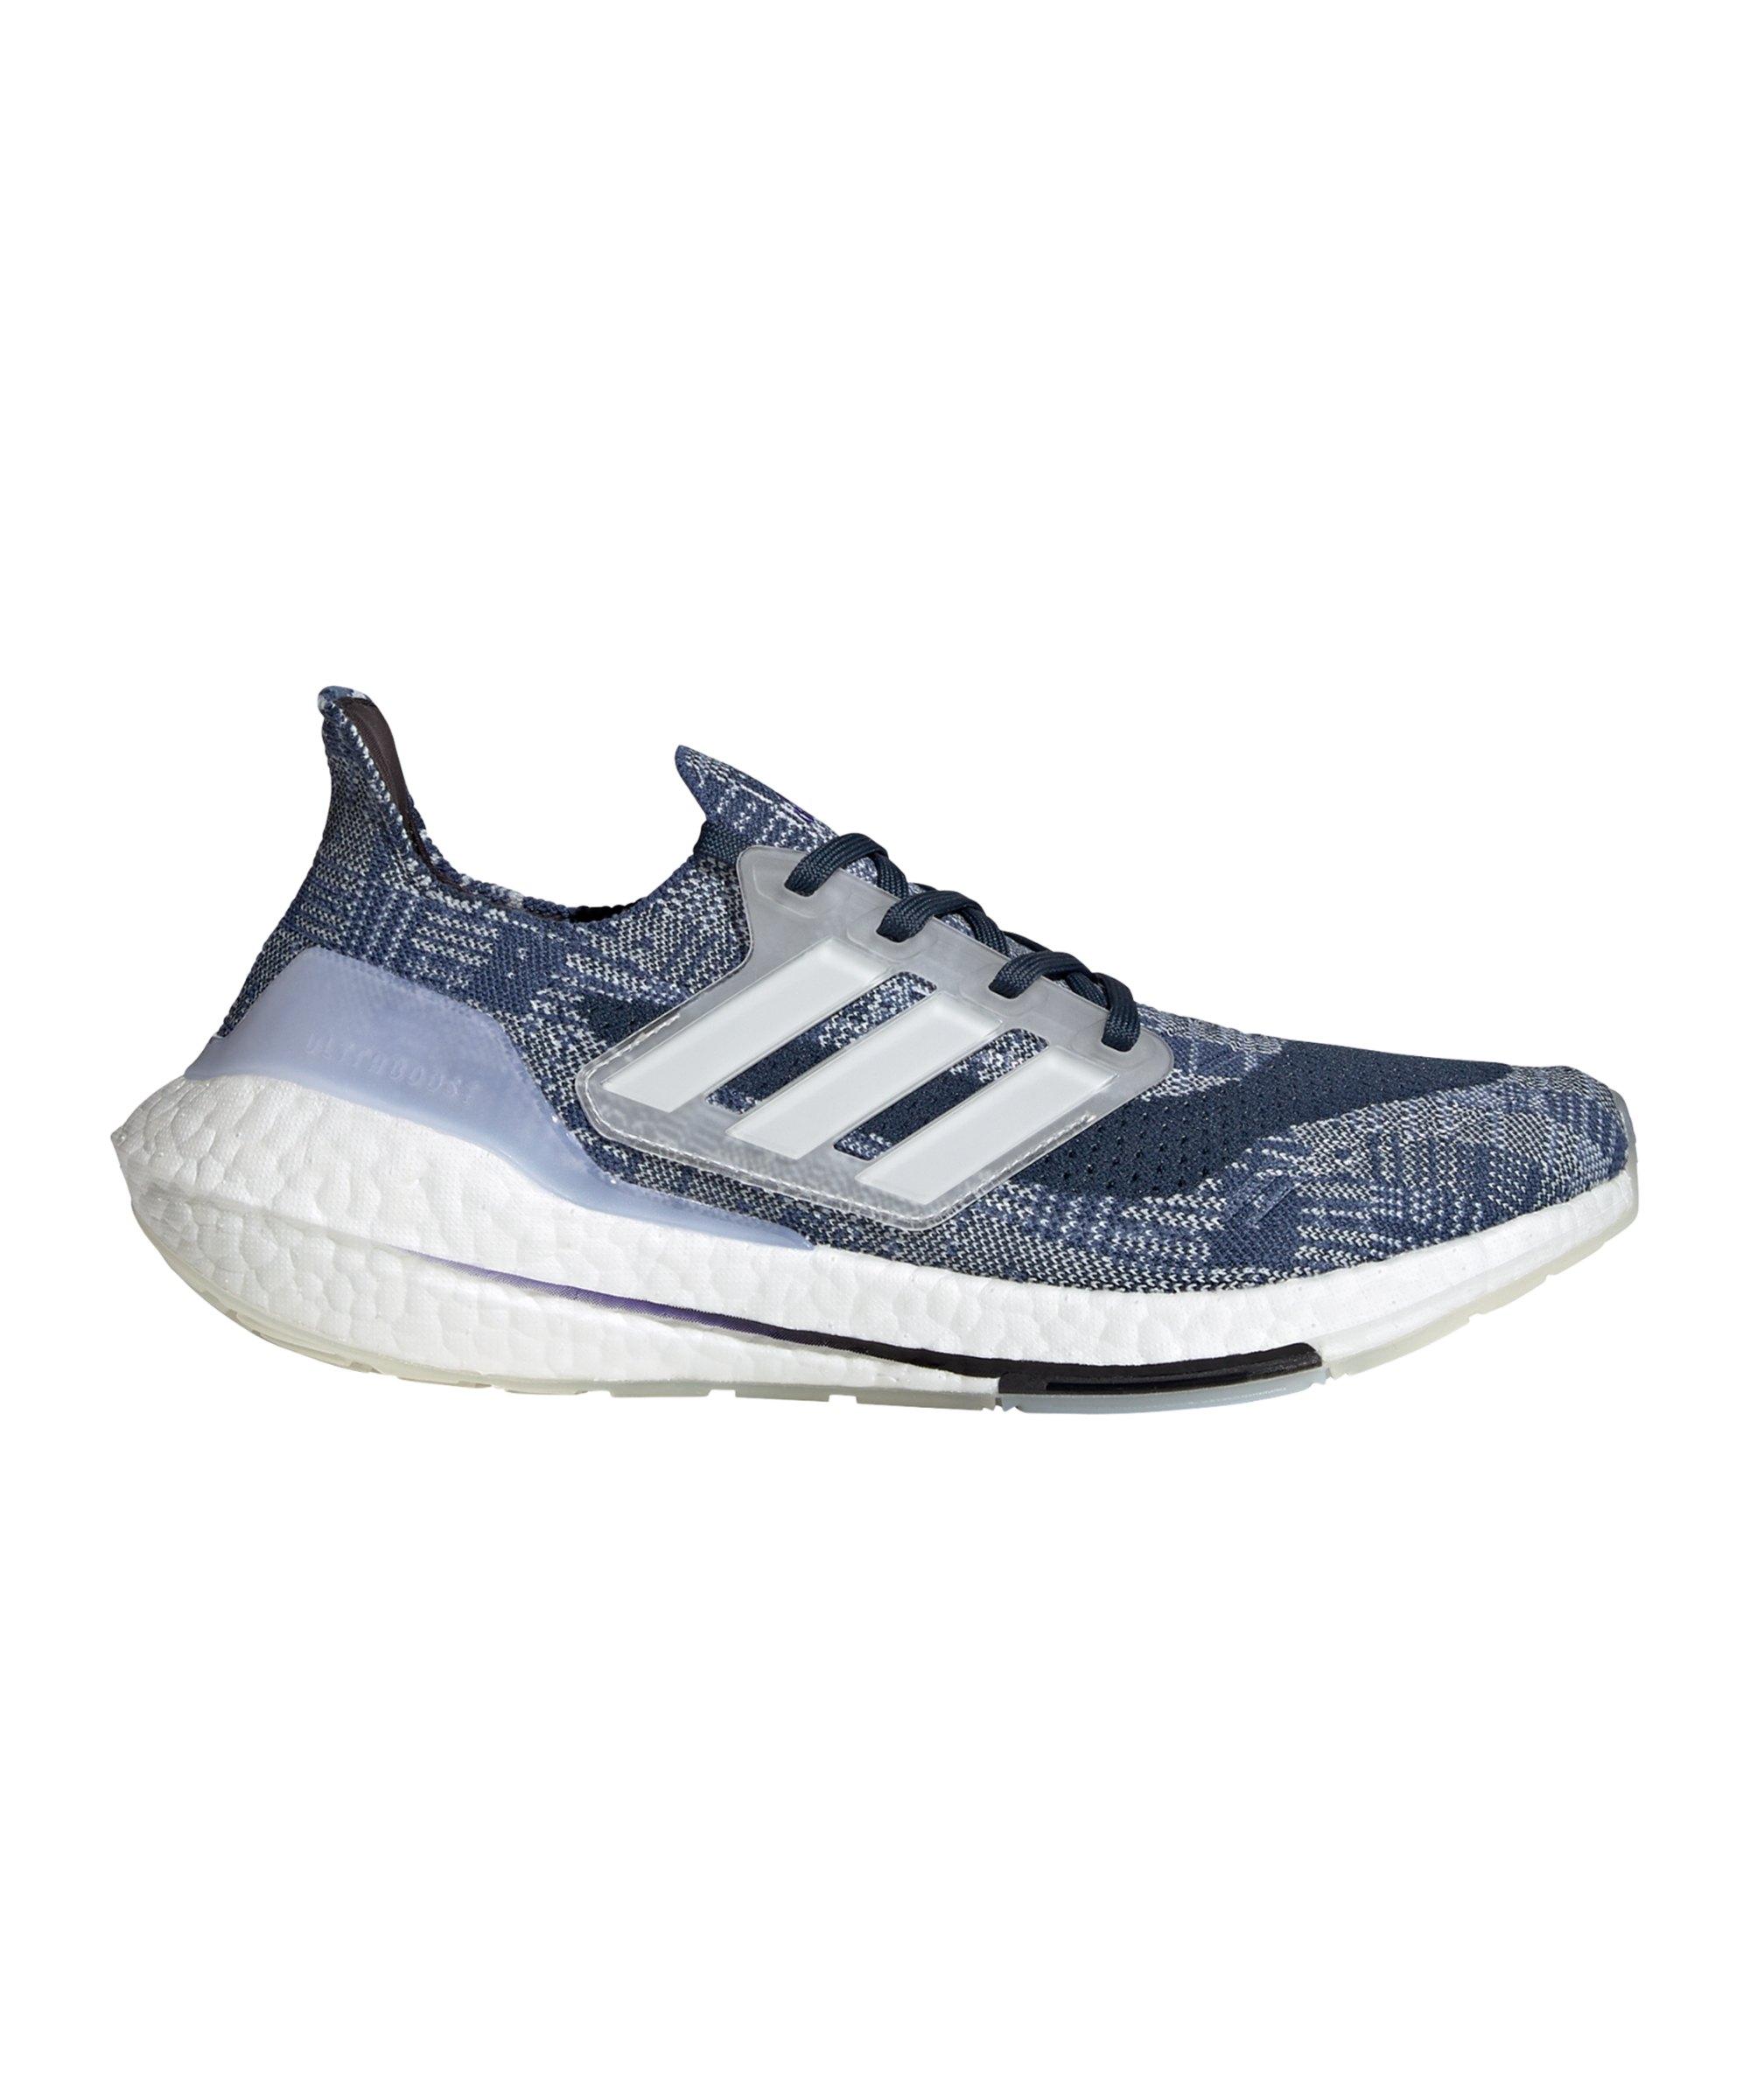 adidas Ultraboost 21 Primeblue Running Blau Weiss - blau